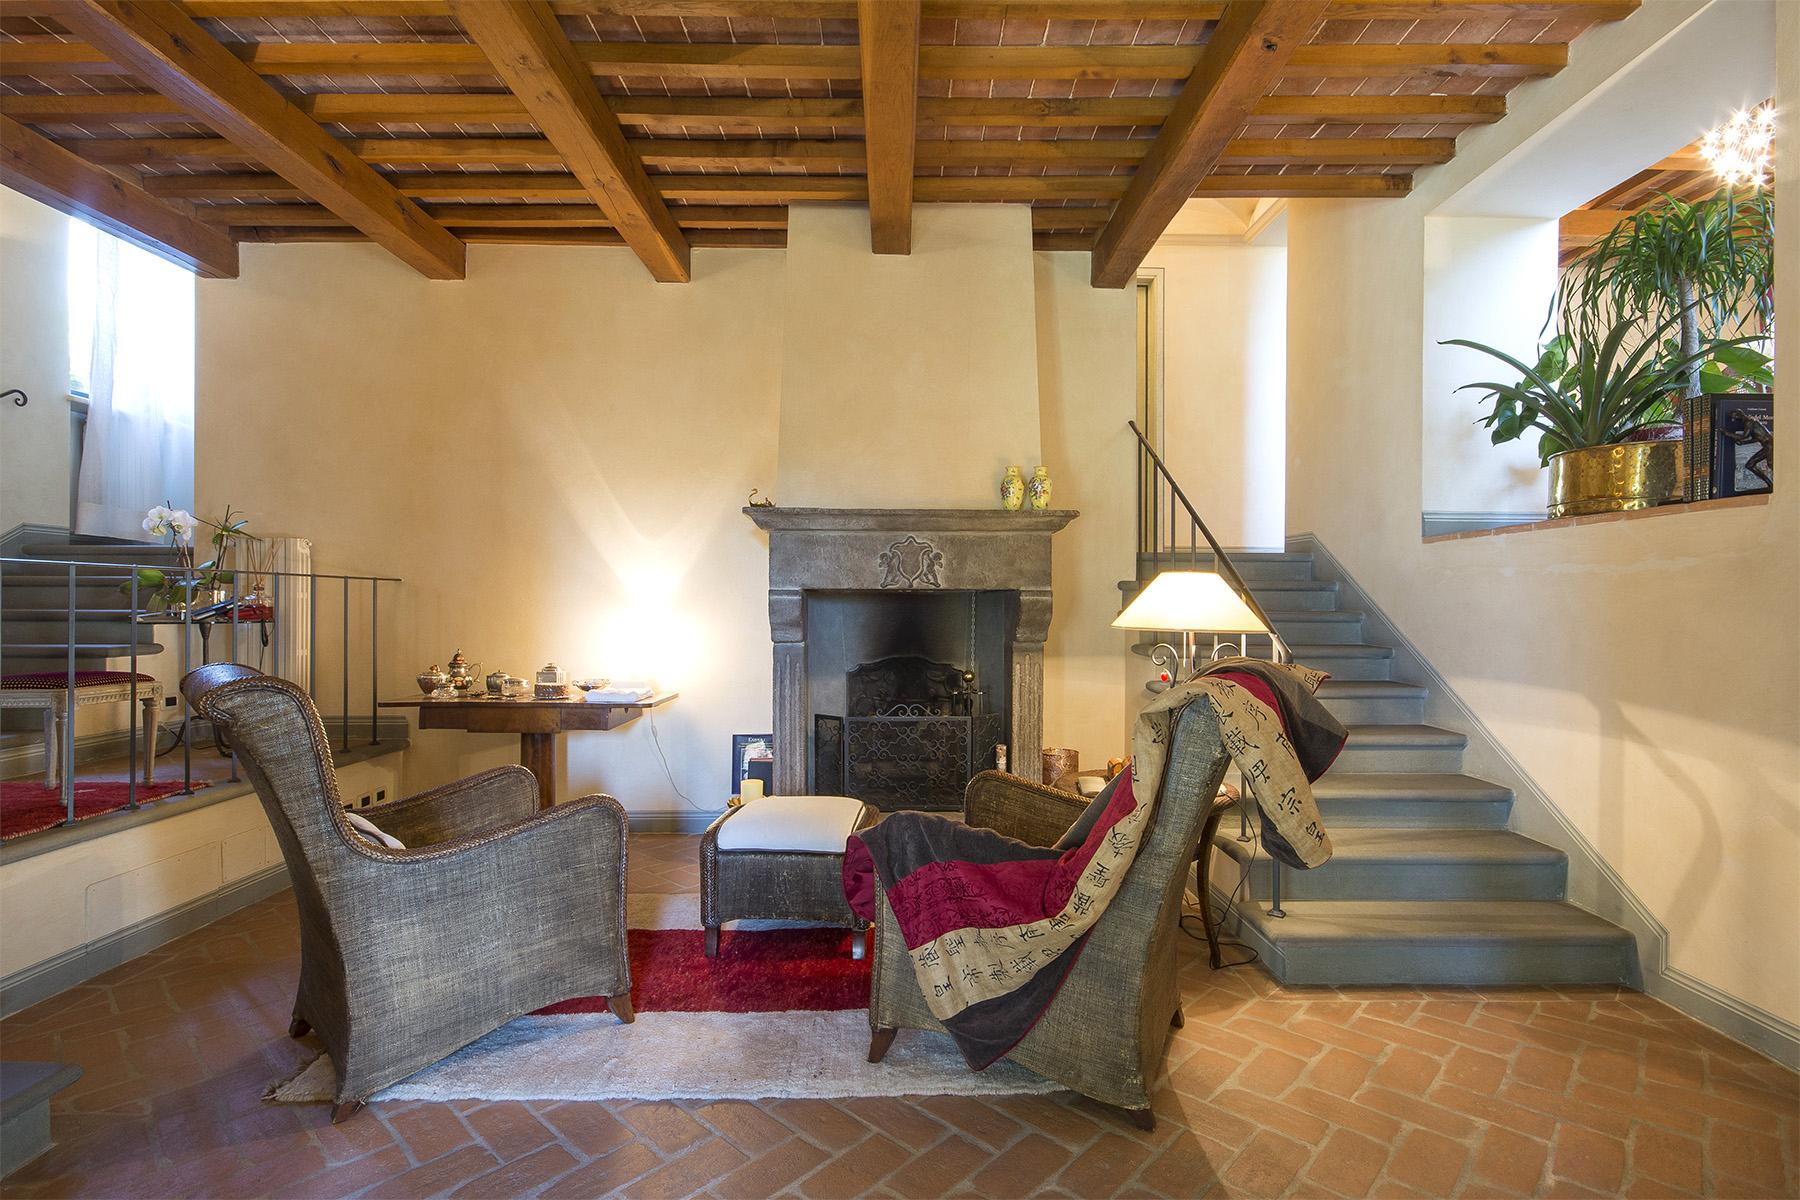 Rustico in Vendita a Vinci: 5 locali, 414 mq - Foto 6